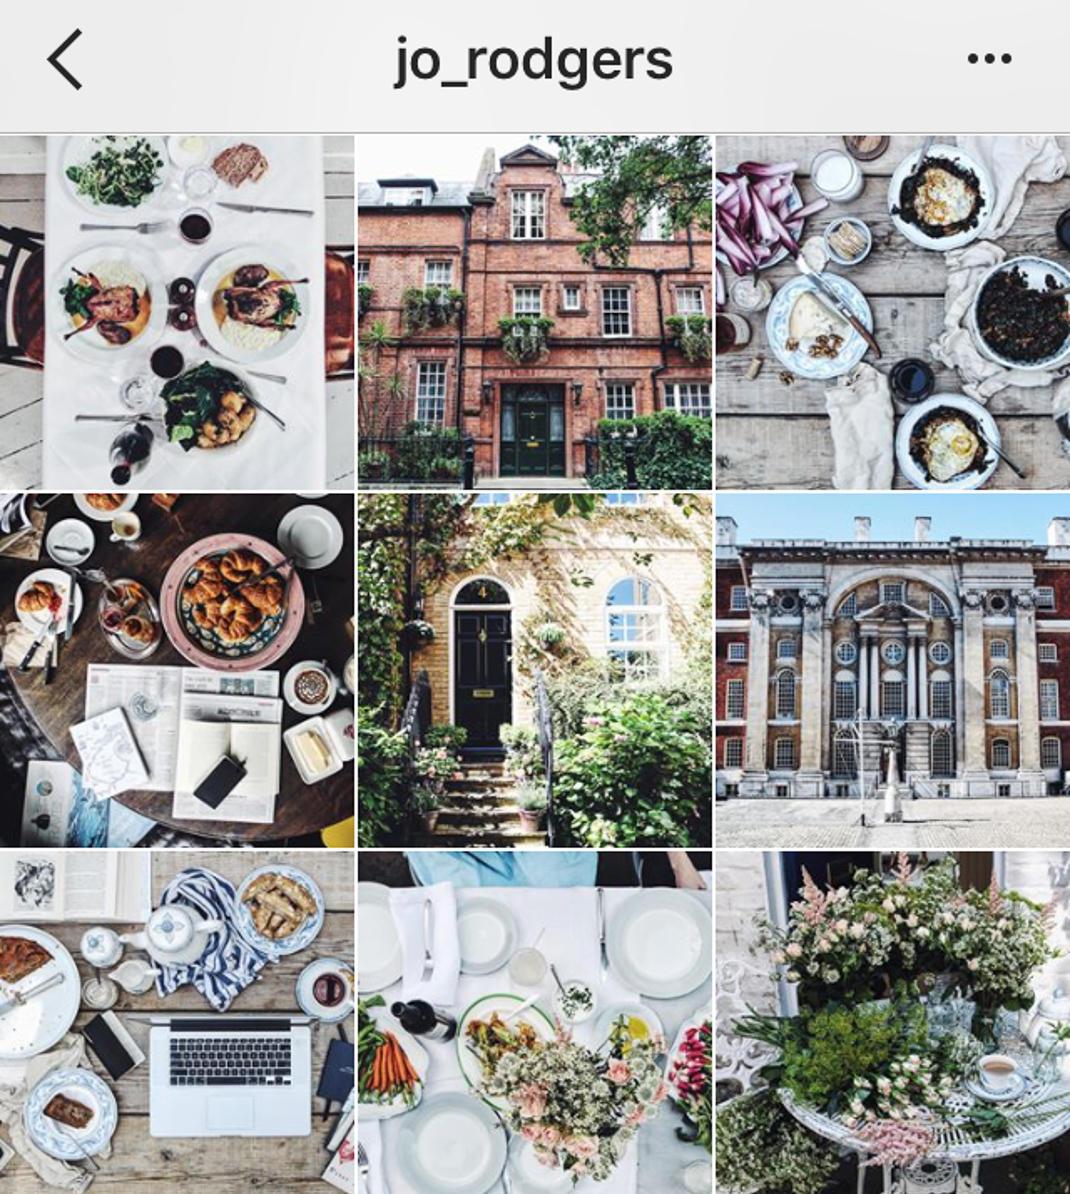 jo_rodgers instagram